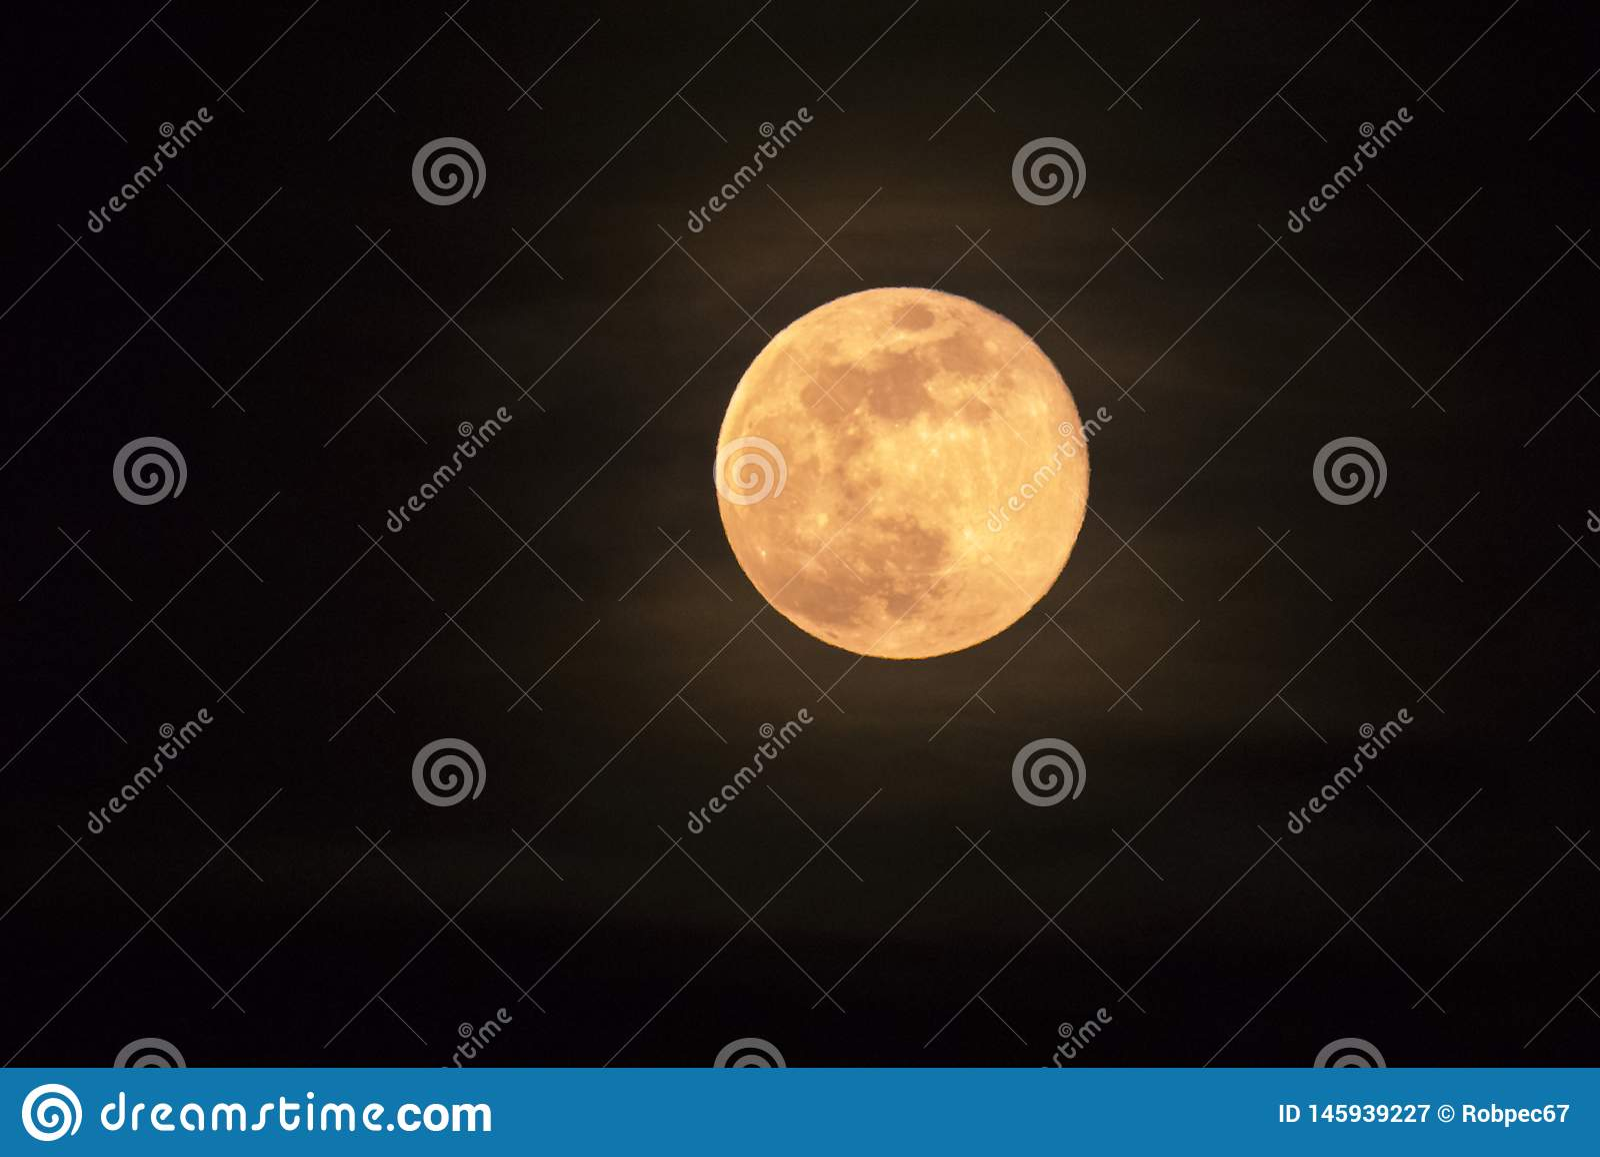 意大利托斯卡纳卡斯蒂廖内德拉佩斯卡伊阿,桃红色满月夜,全景夜图片